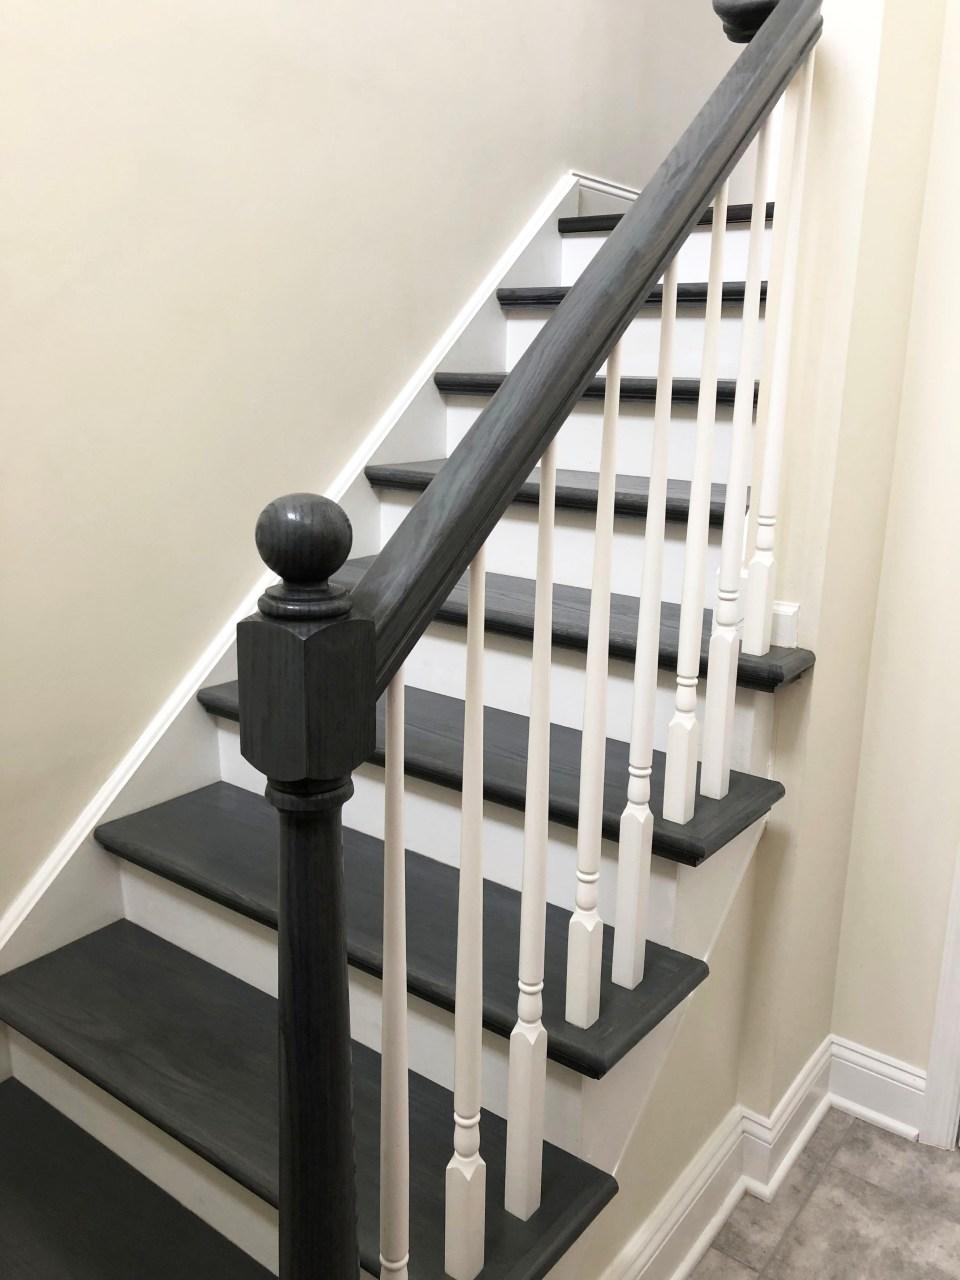 Foyer - Stairs Update 28